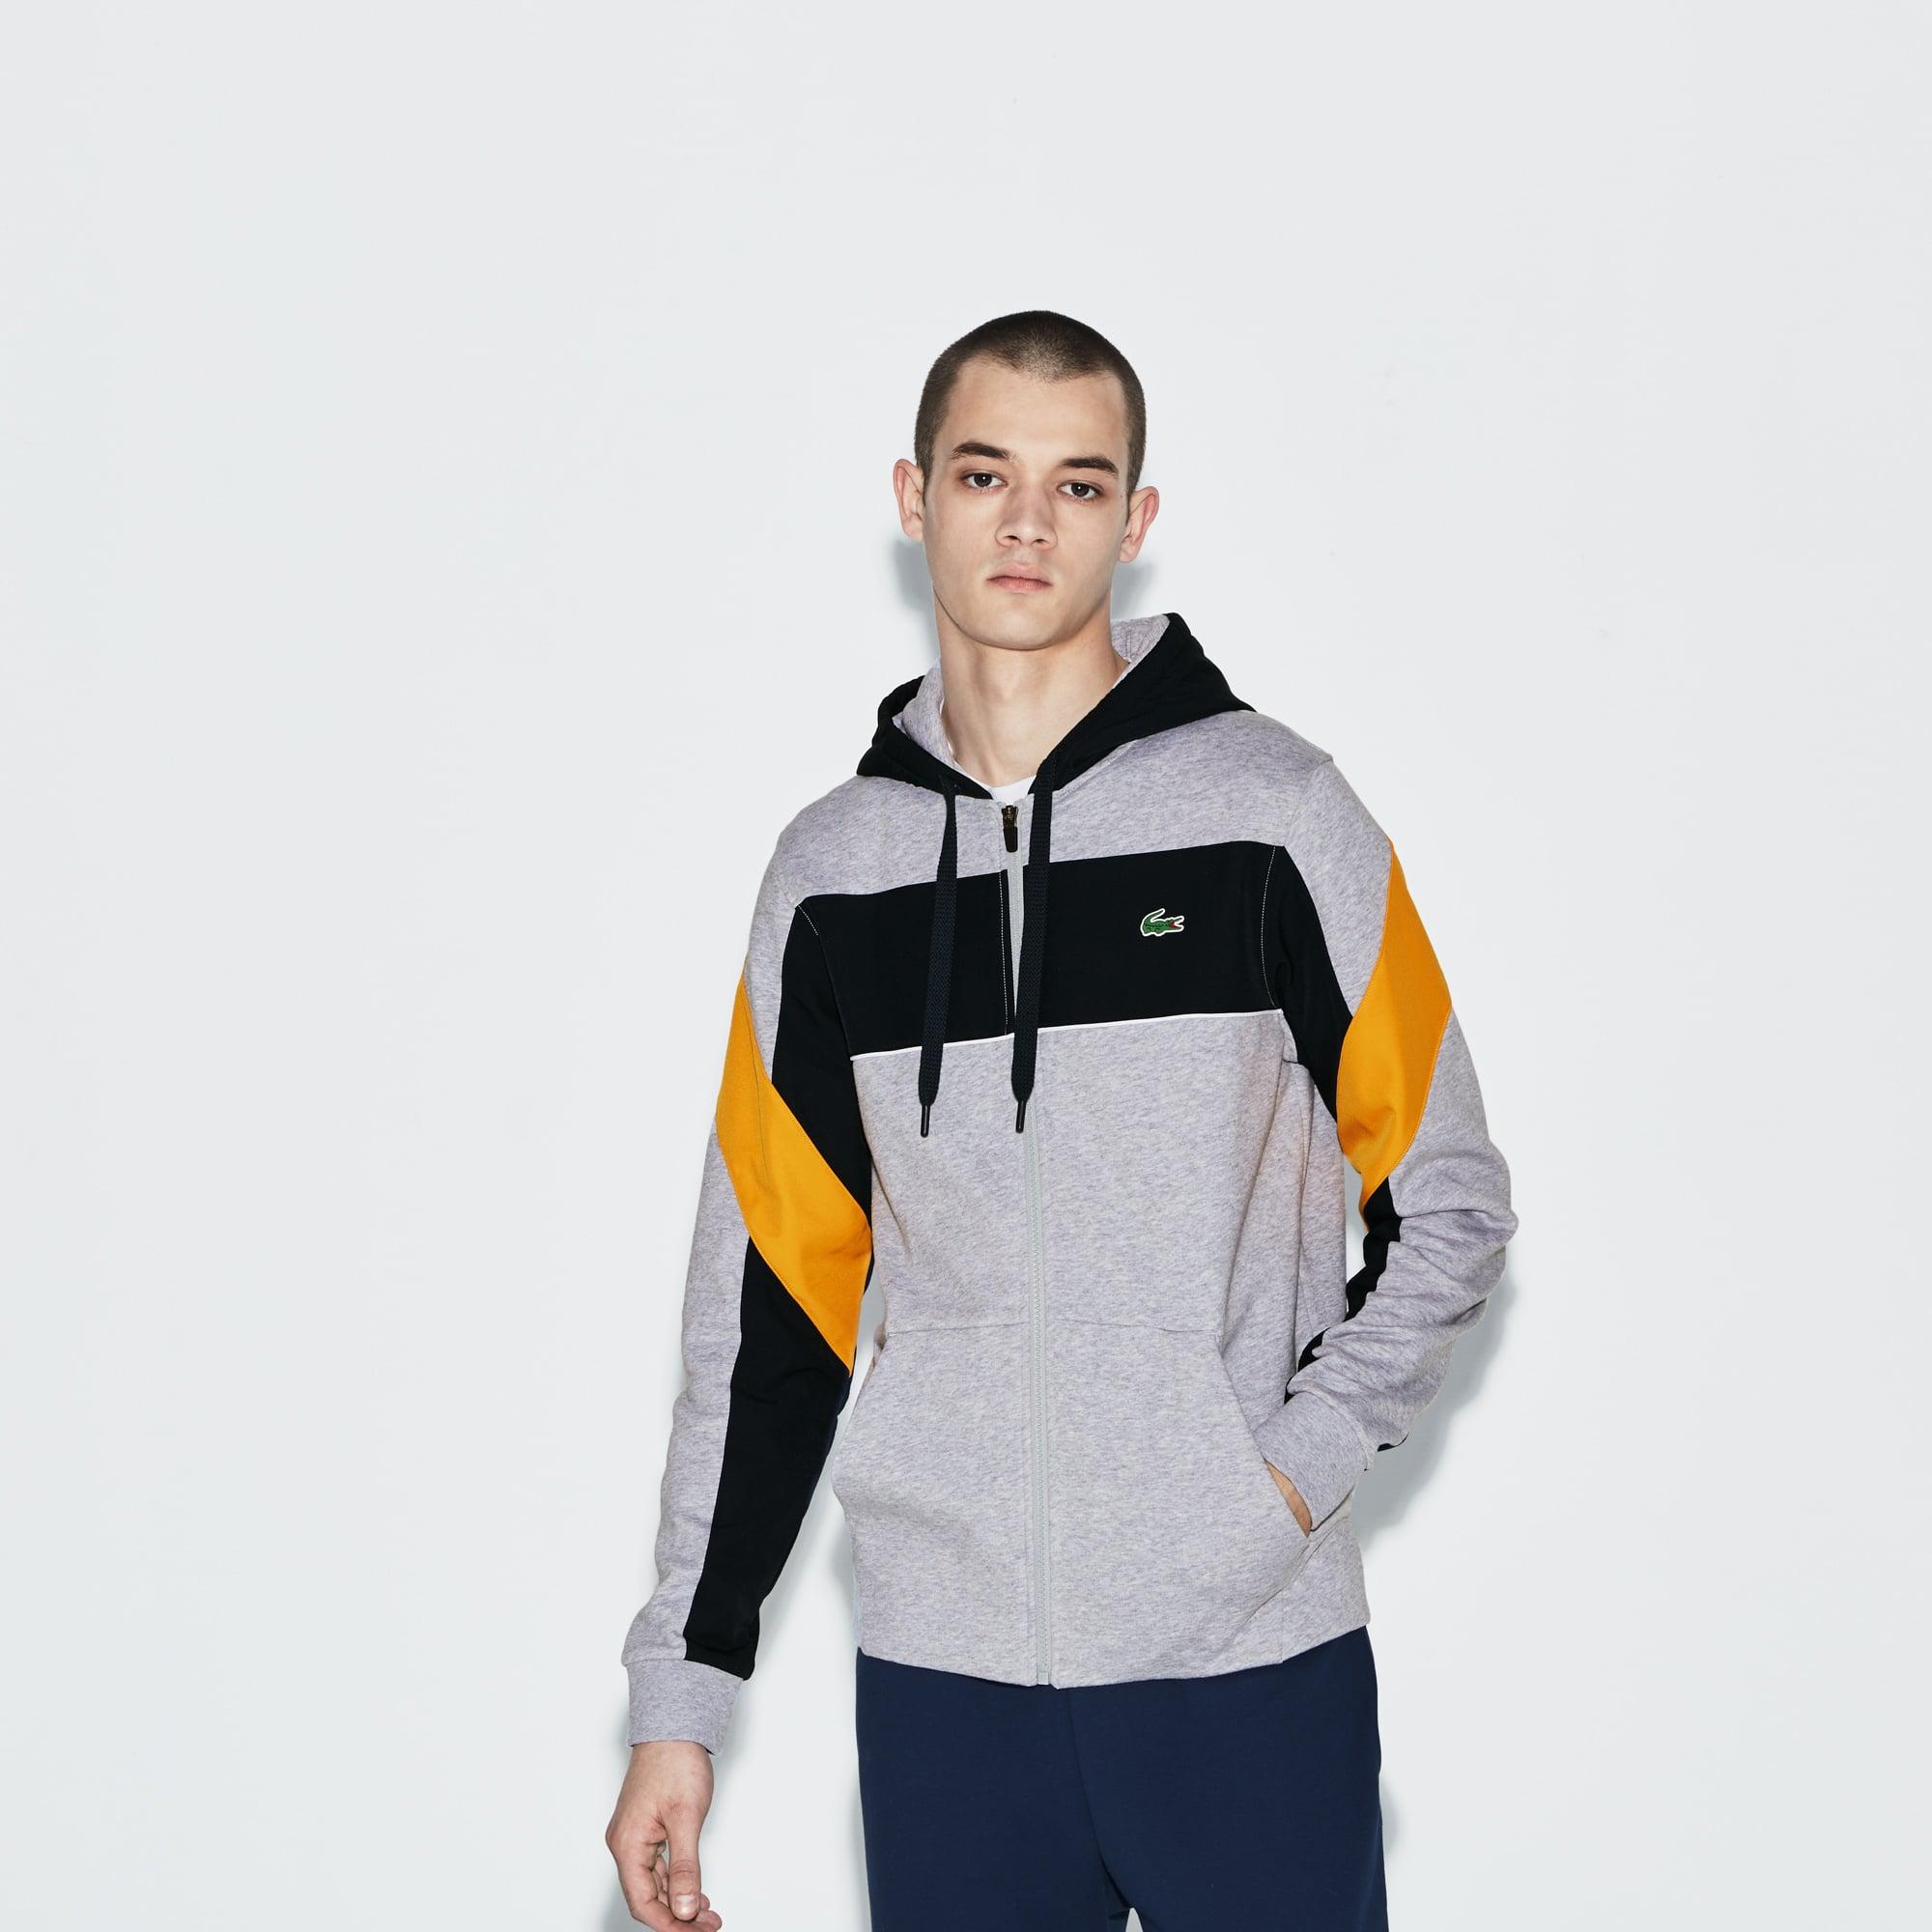 Men's SPORT Hooded Zip Colorblock Tennis Sweatshirt